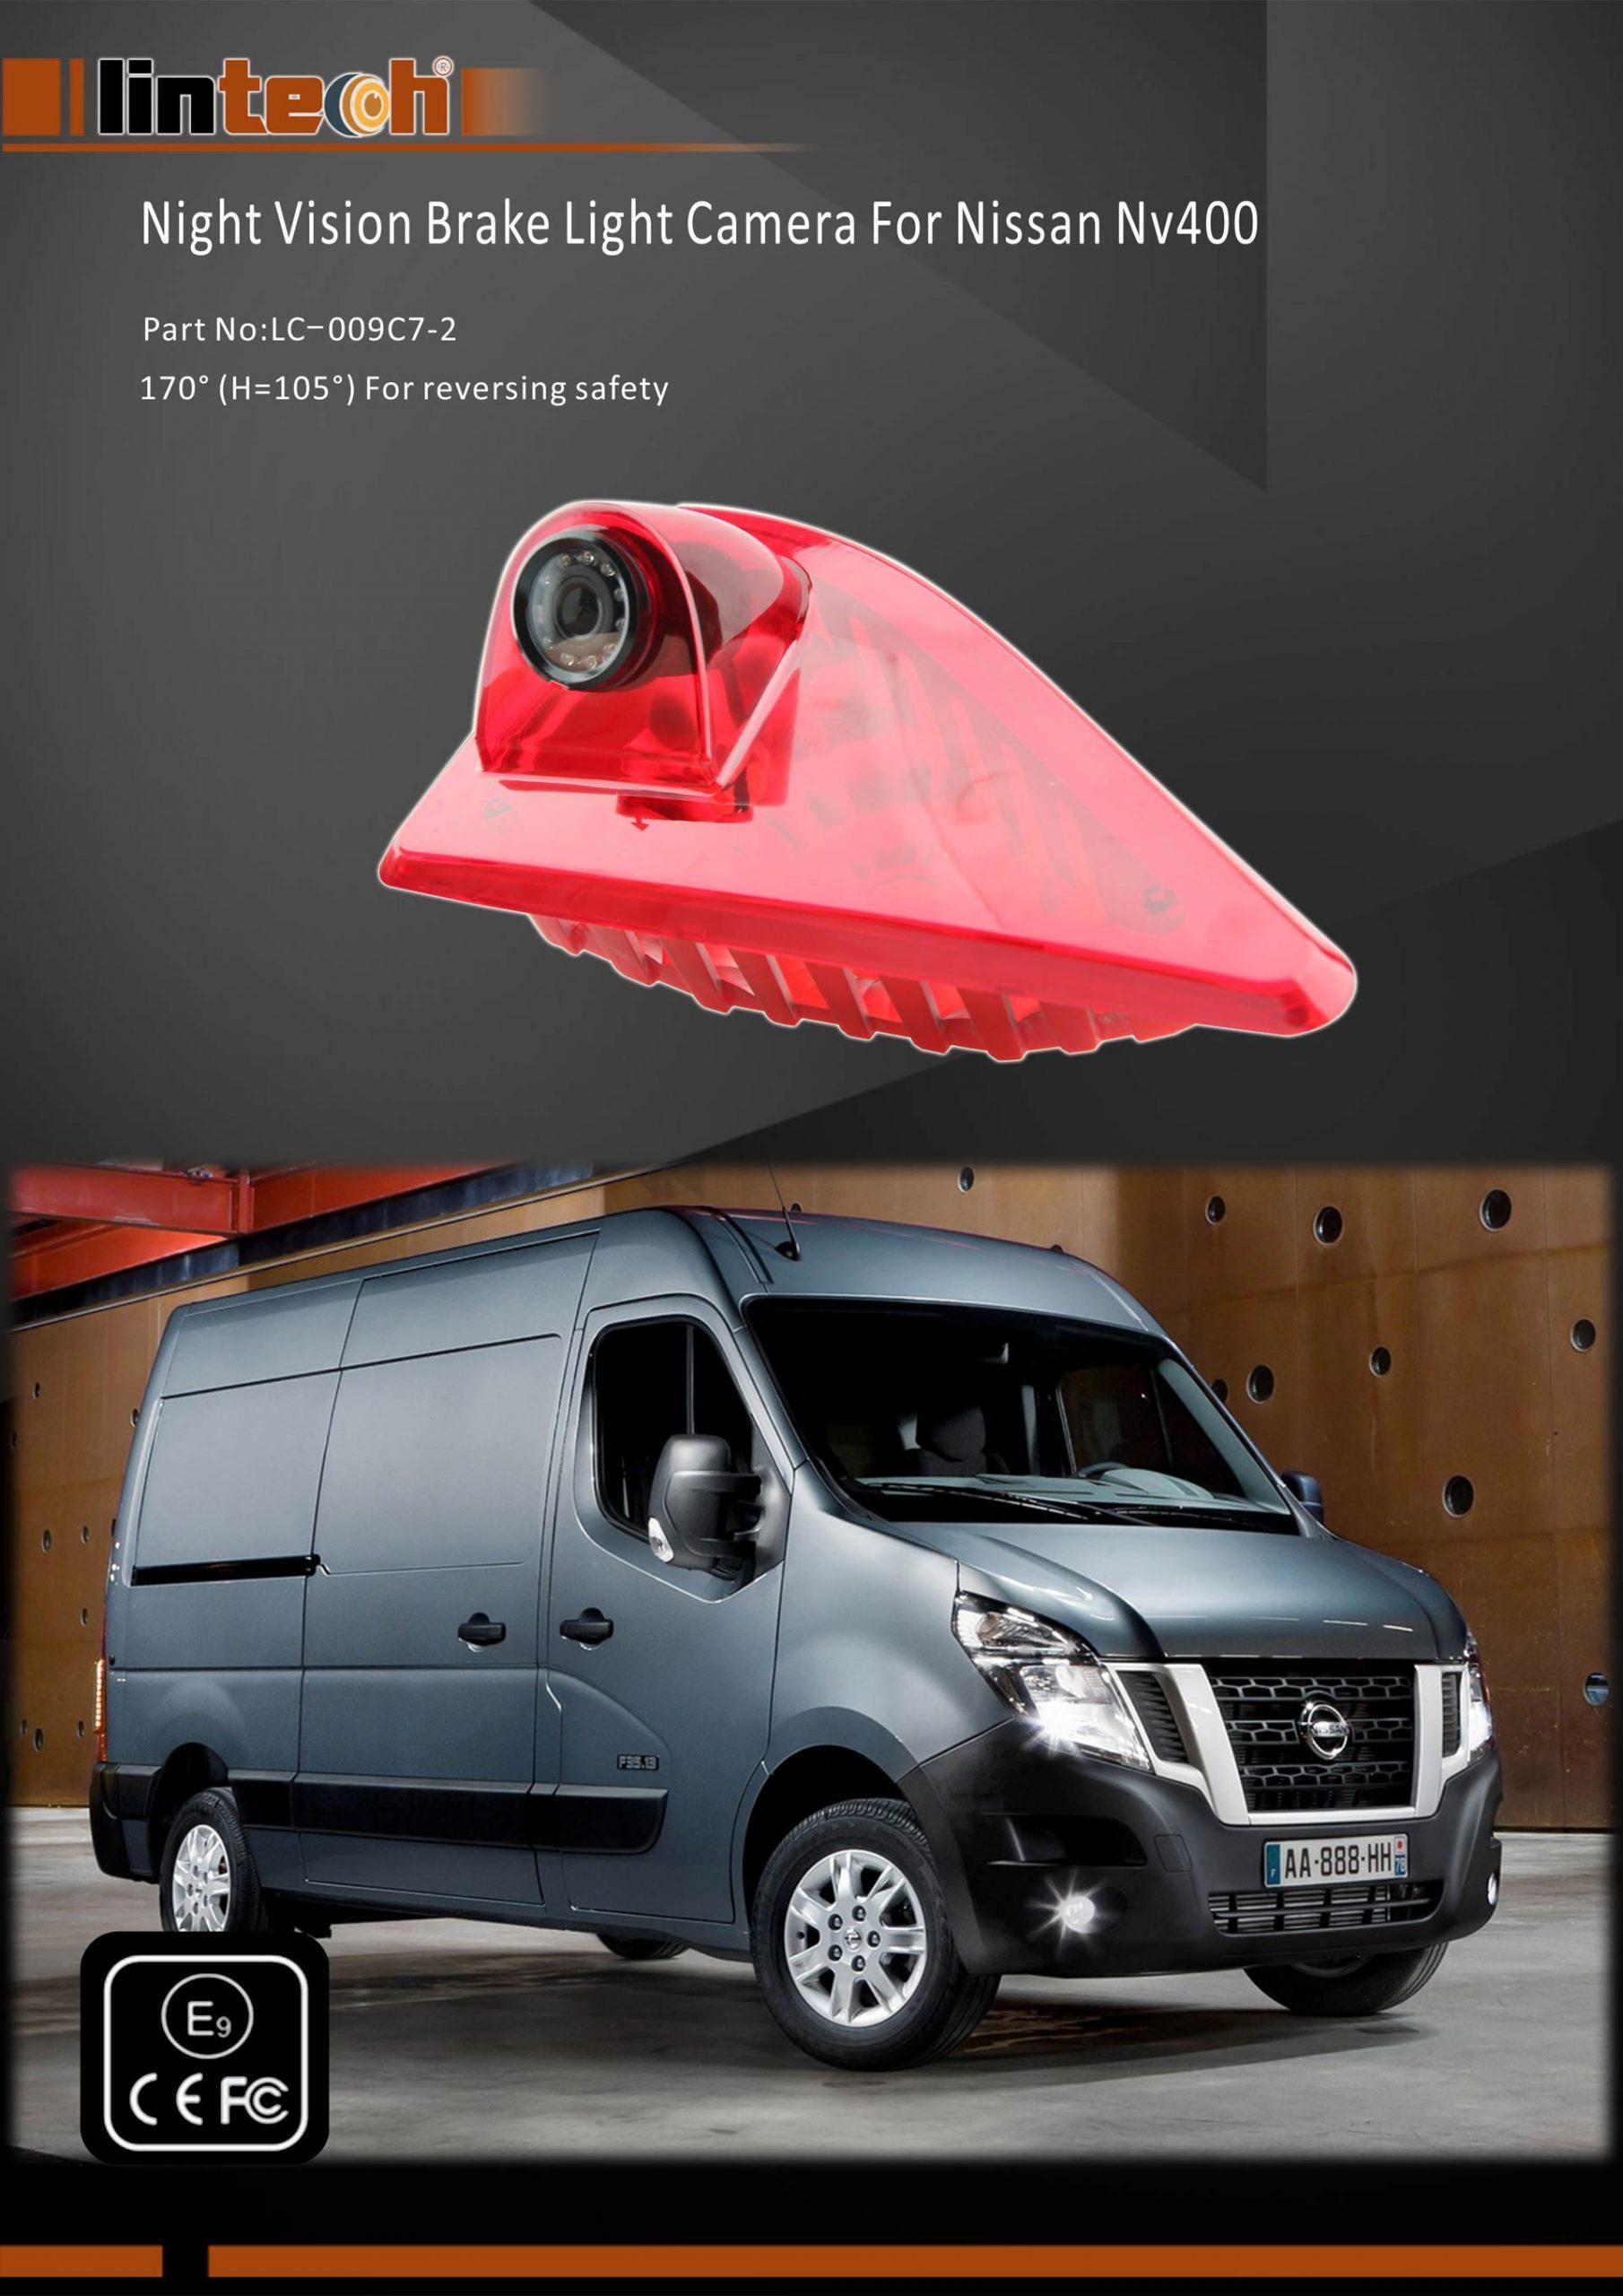 1.Night Vision Brake Light Camera For Nissan NV400